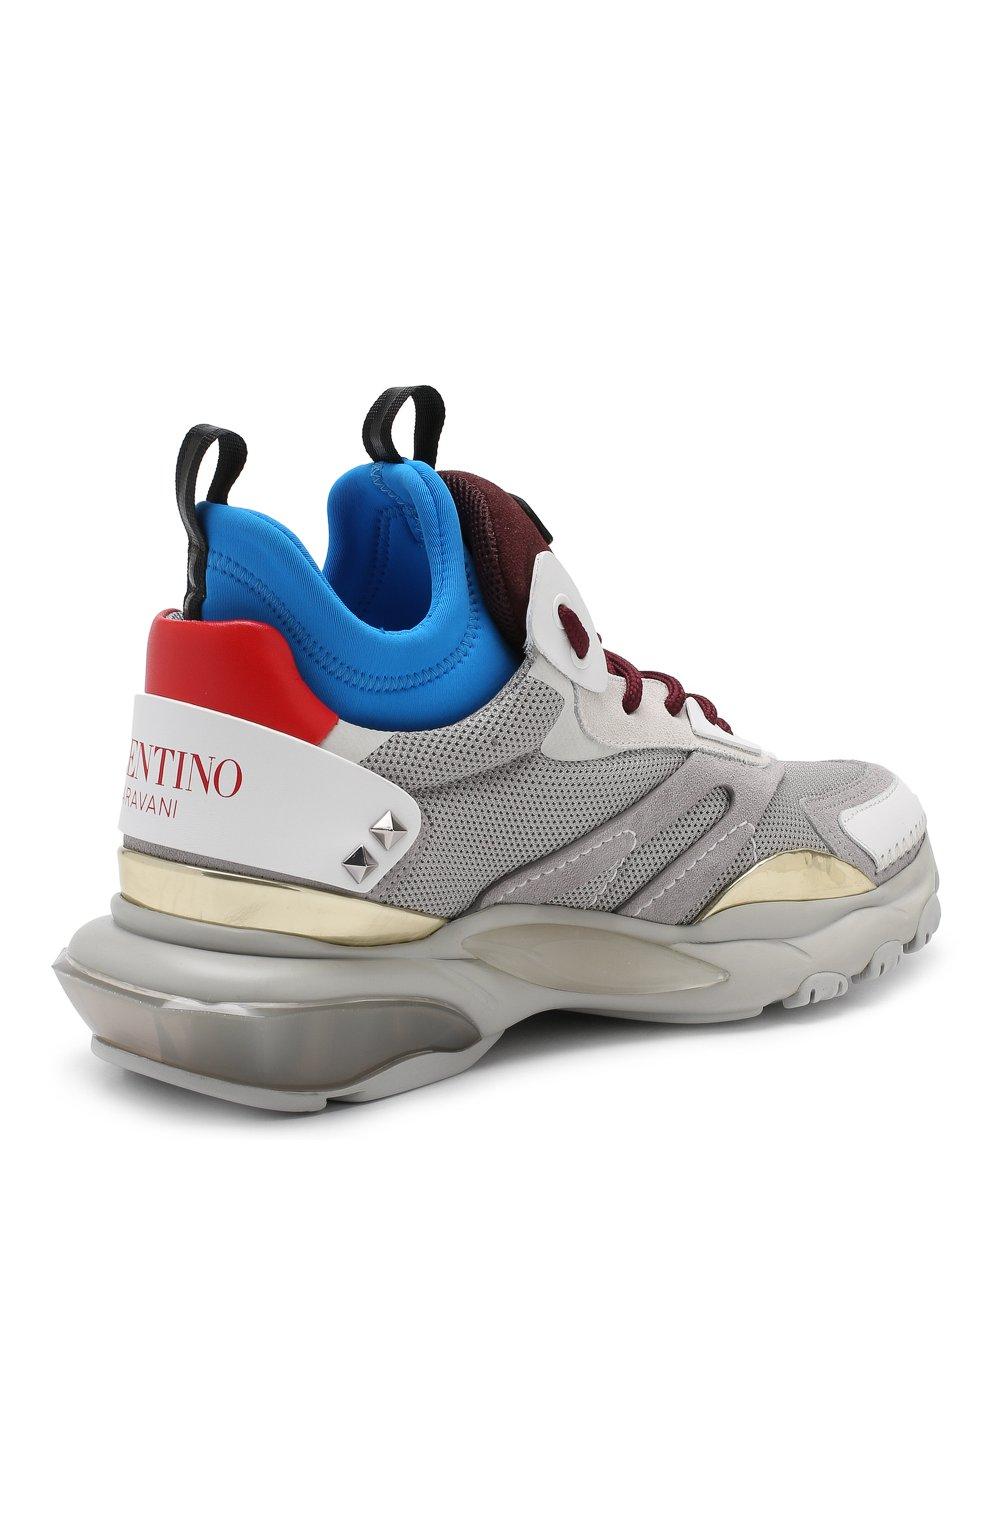 2f33e0144077 Мужская обувь по цене от 2 270 руб. купить в интернет-магазине ЦУМ